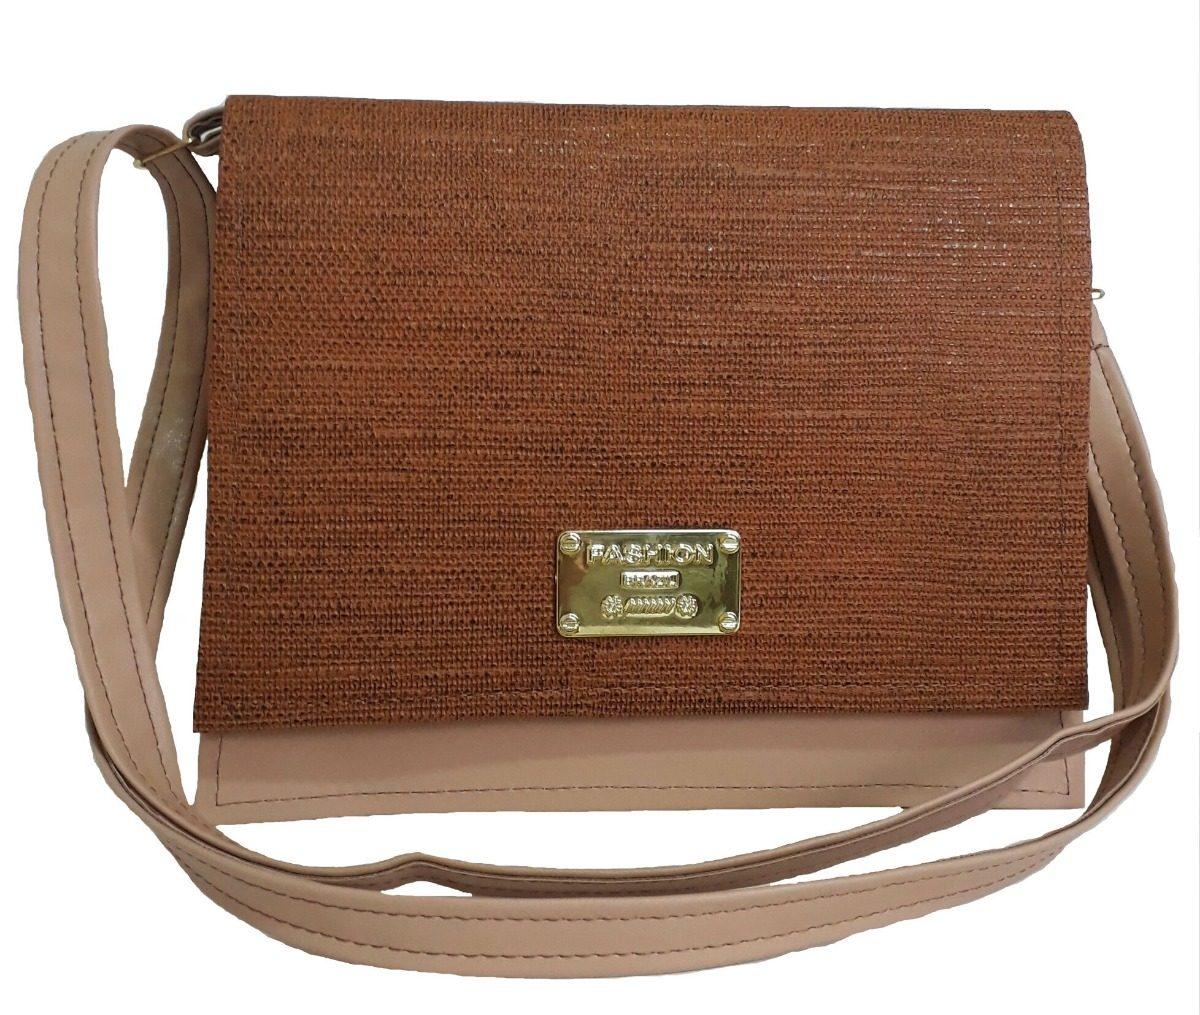 f087b45fa kit bolsa feminina + carteira super promoção frete grátis. Carregando zoom.